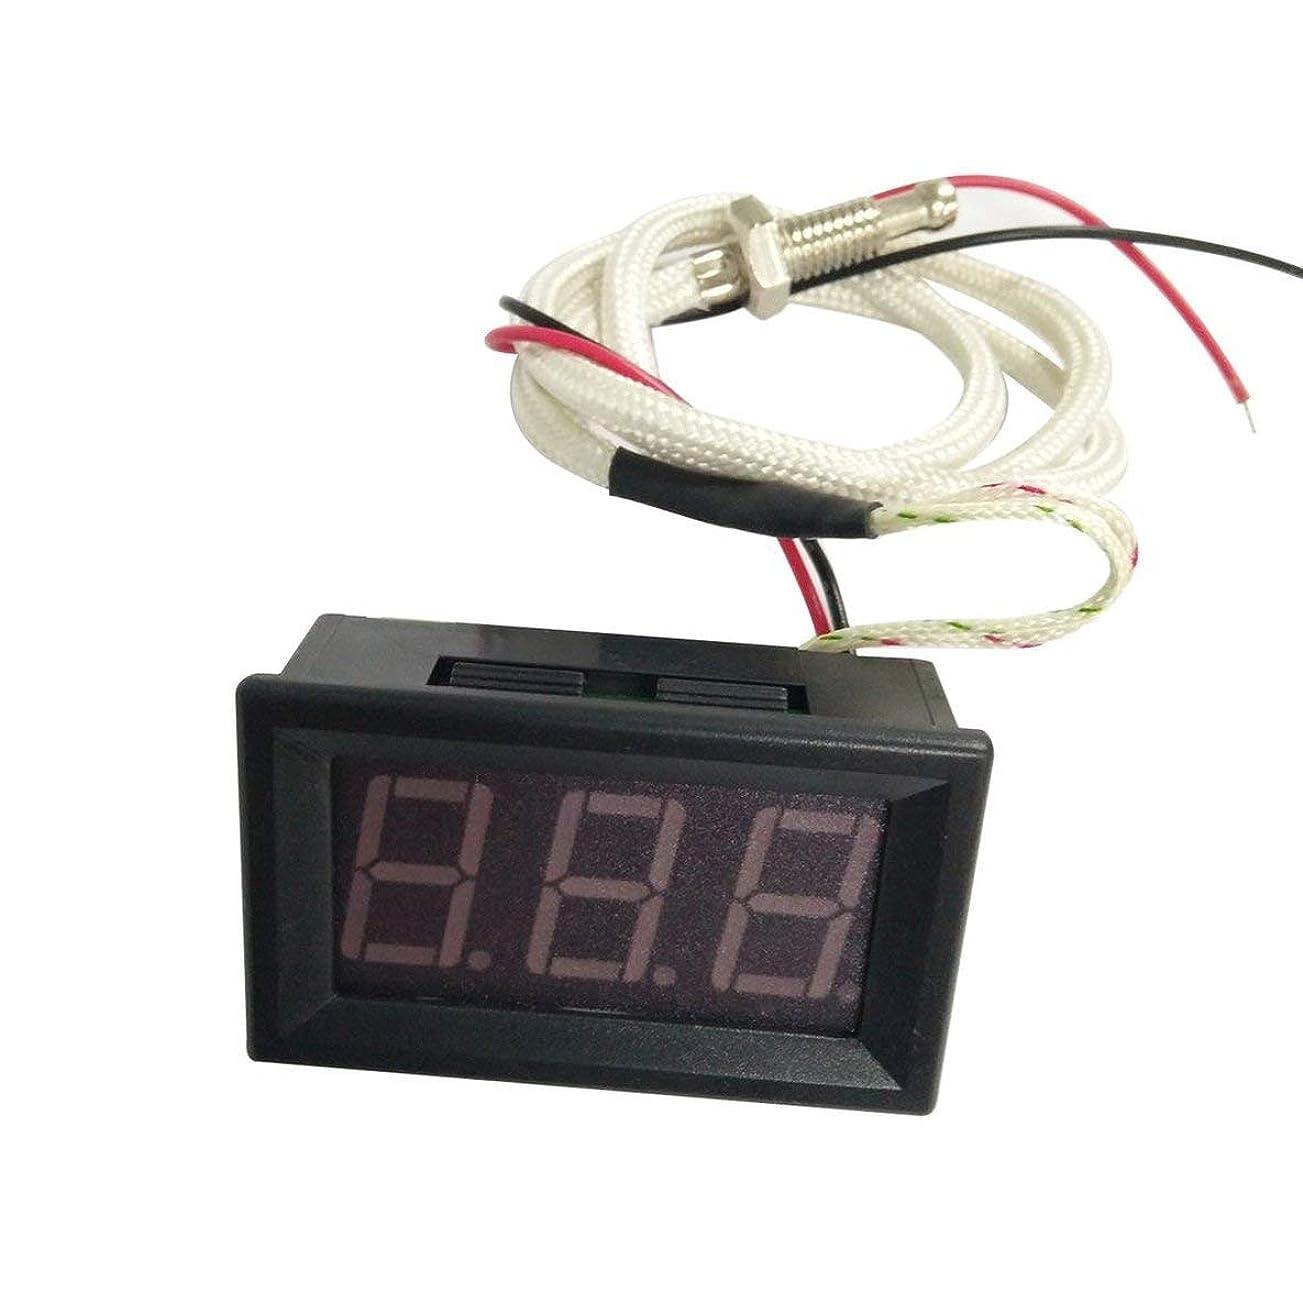 追うブレンドラバMolySun ミニポータブル熱電対計LEDディスプレイ工業用デジタル温度計-30?800℃K型工業用ゲージXH-B310